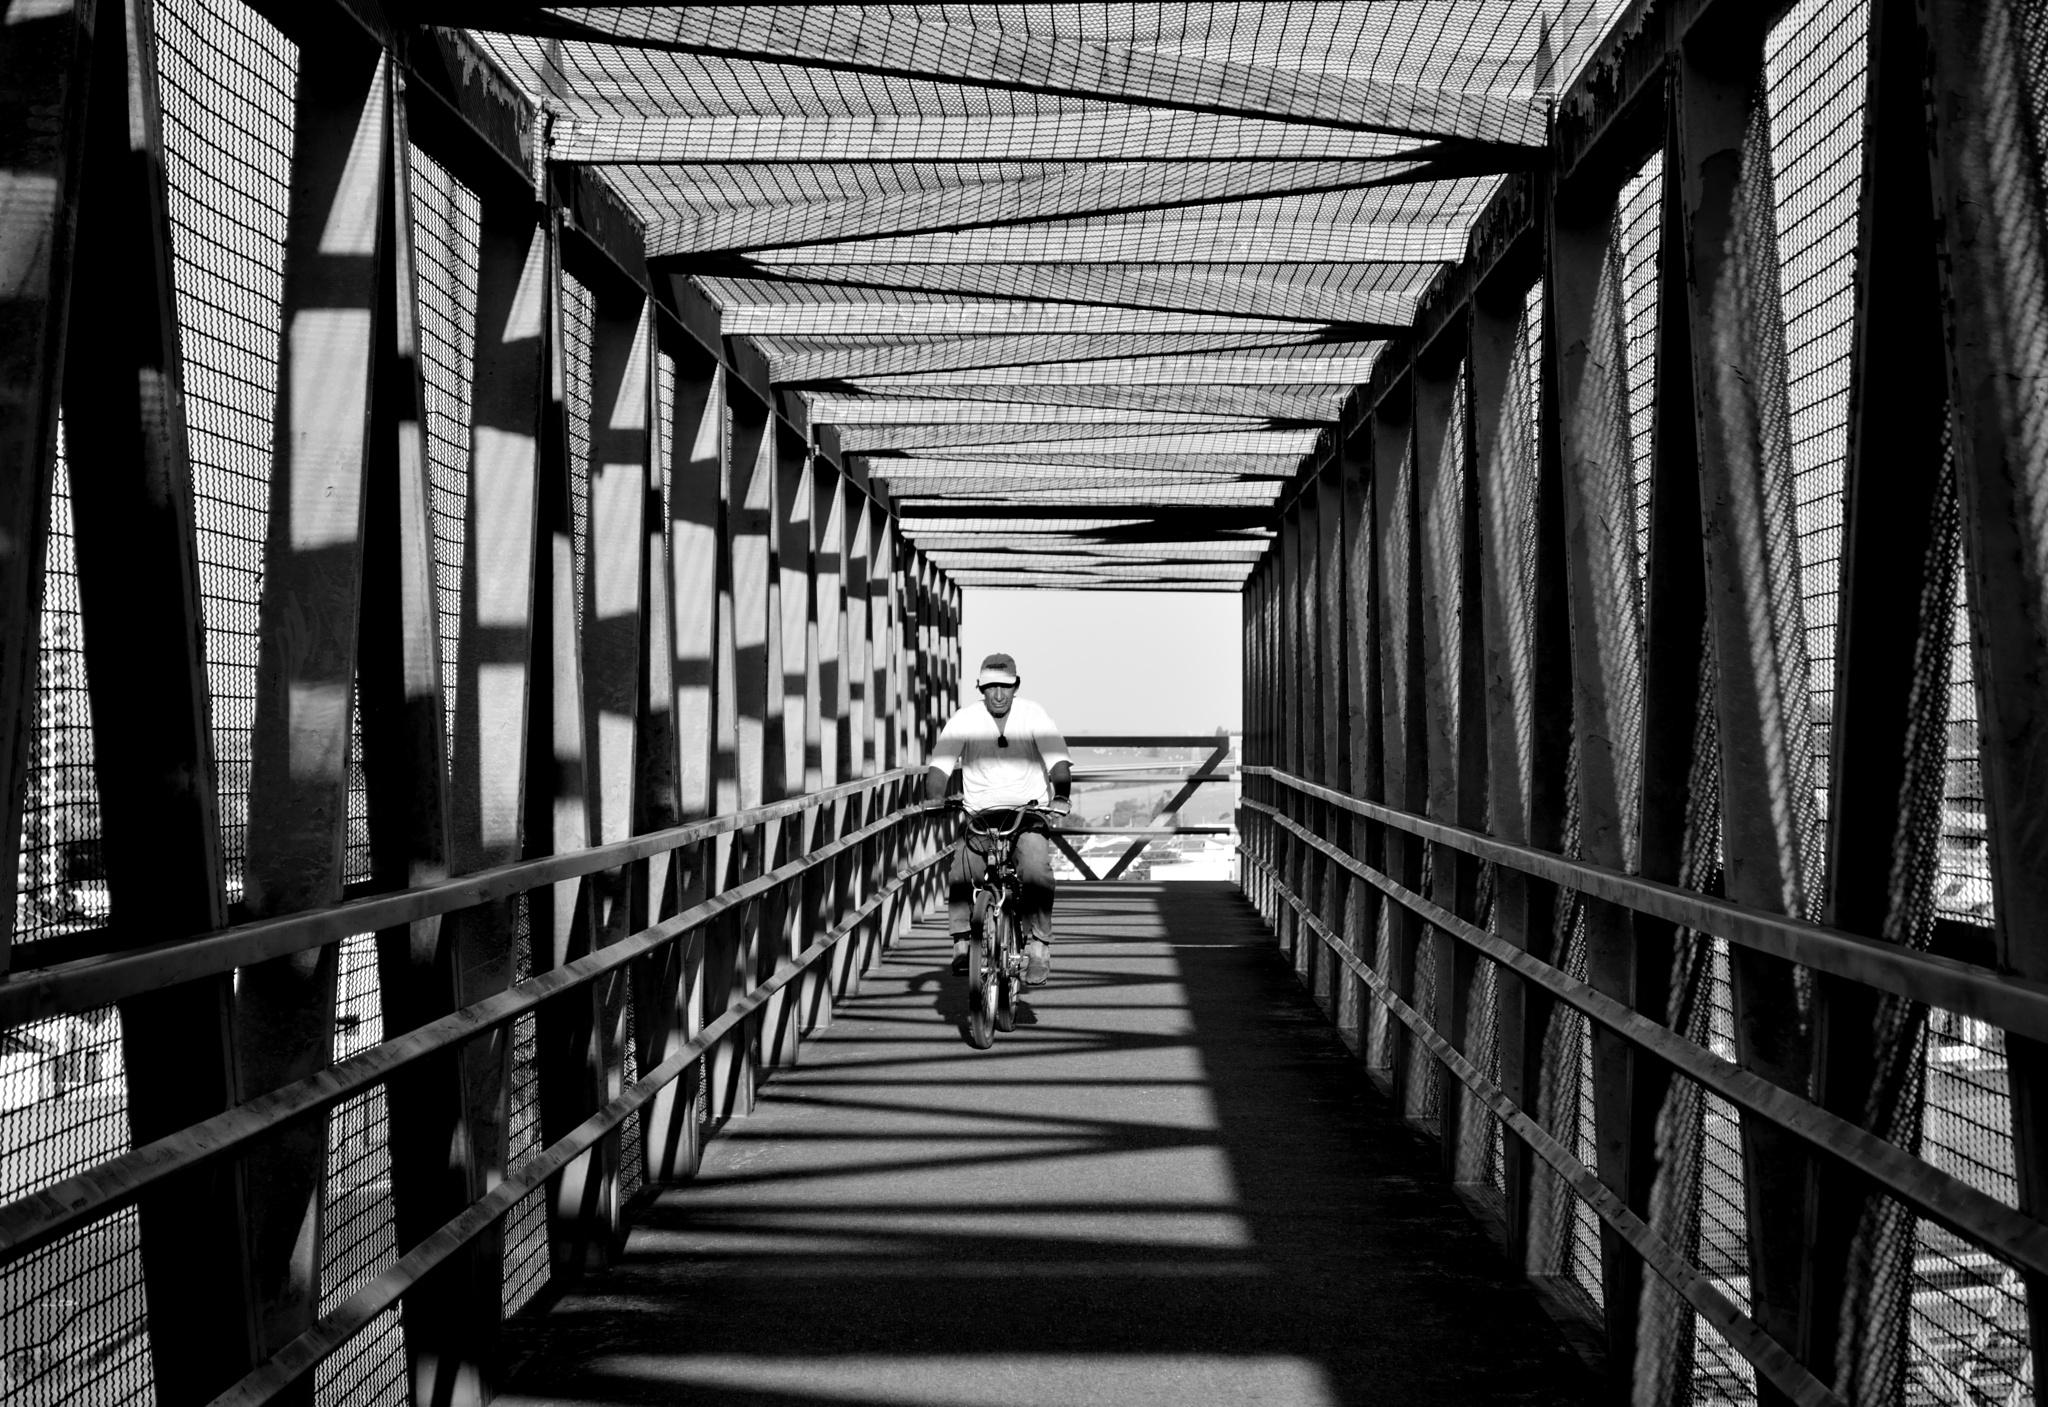 Fotos urbana by Rodrigo S de Barros